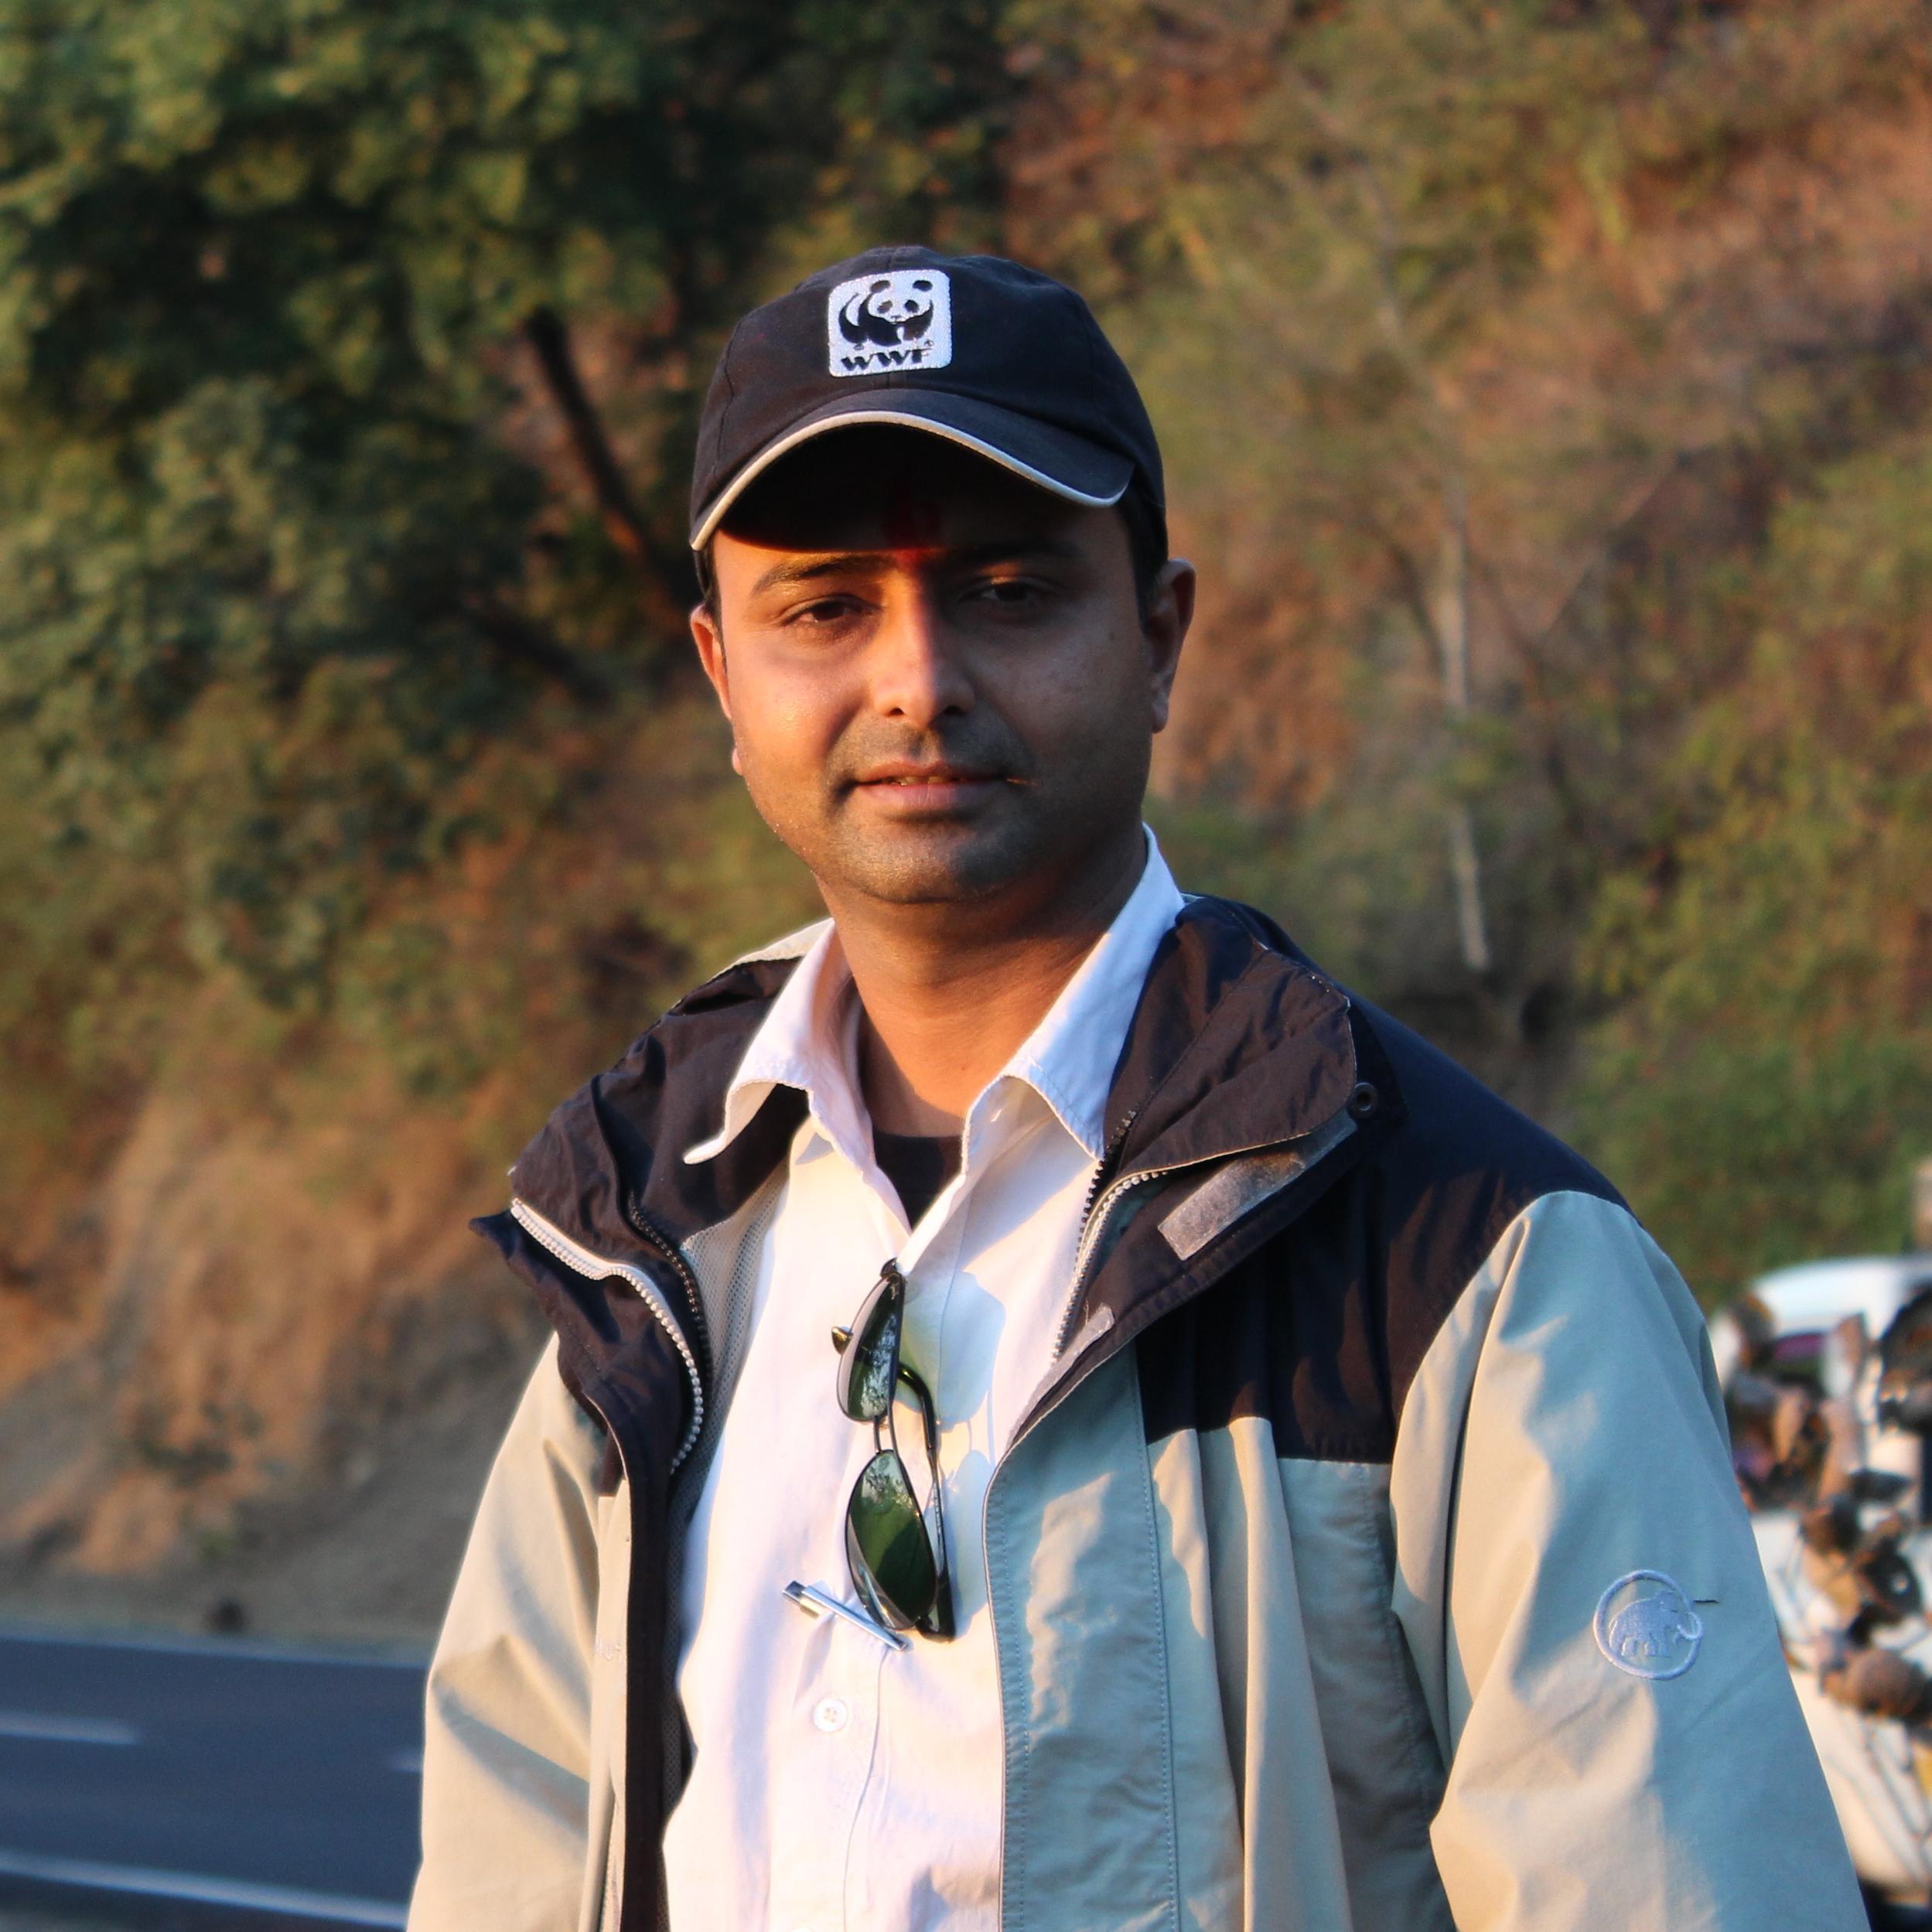 Chittaranjan Dave